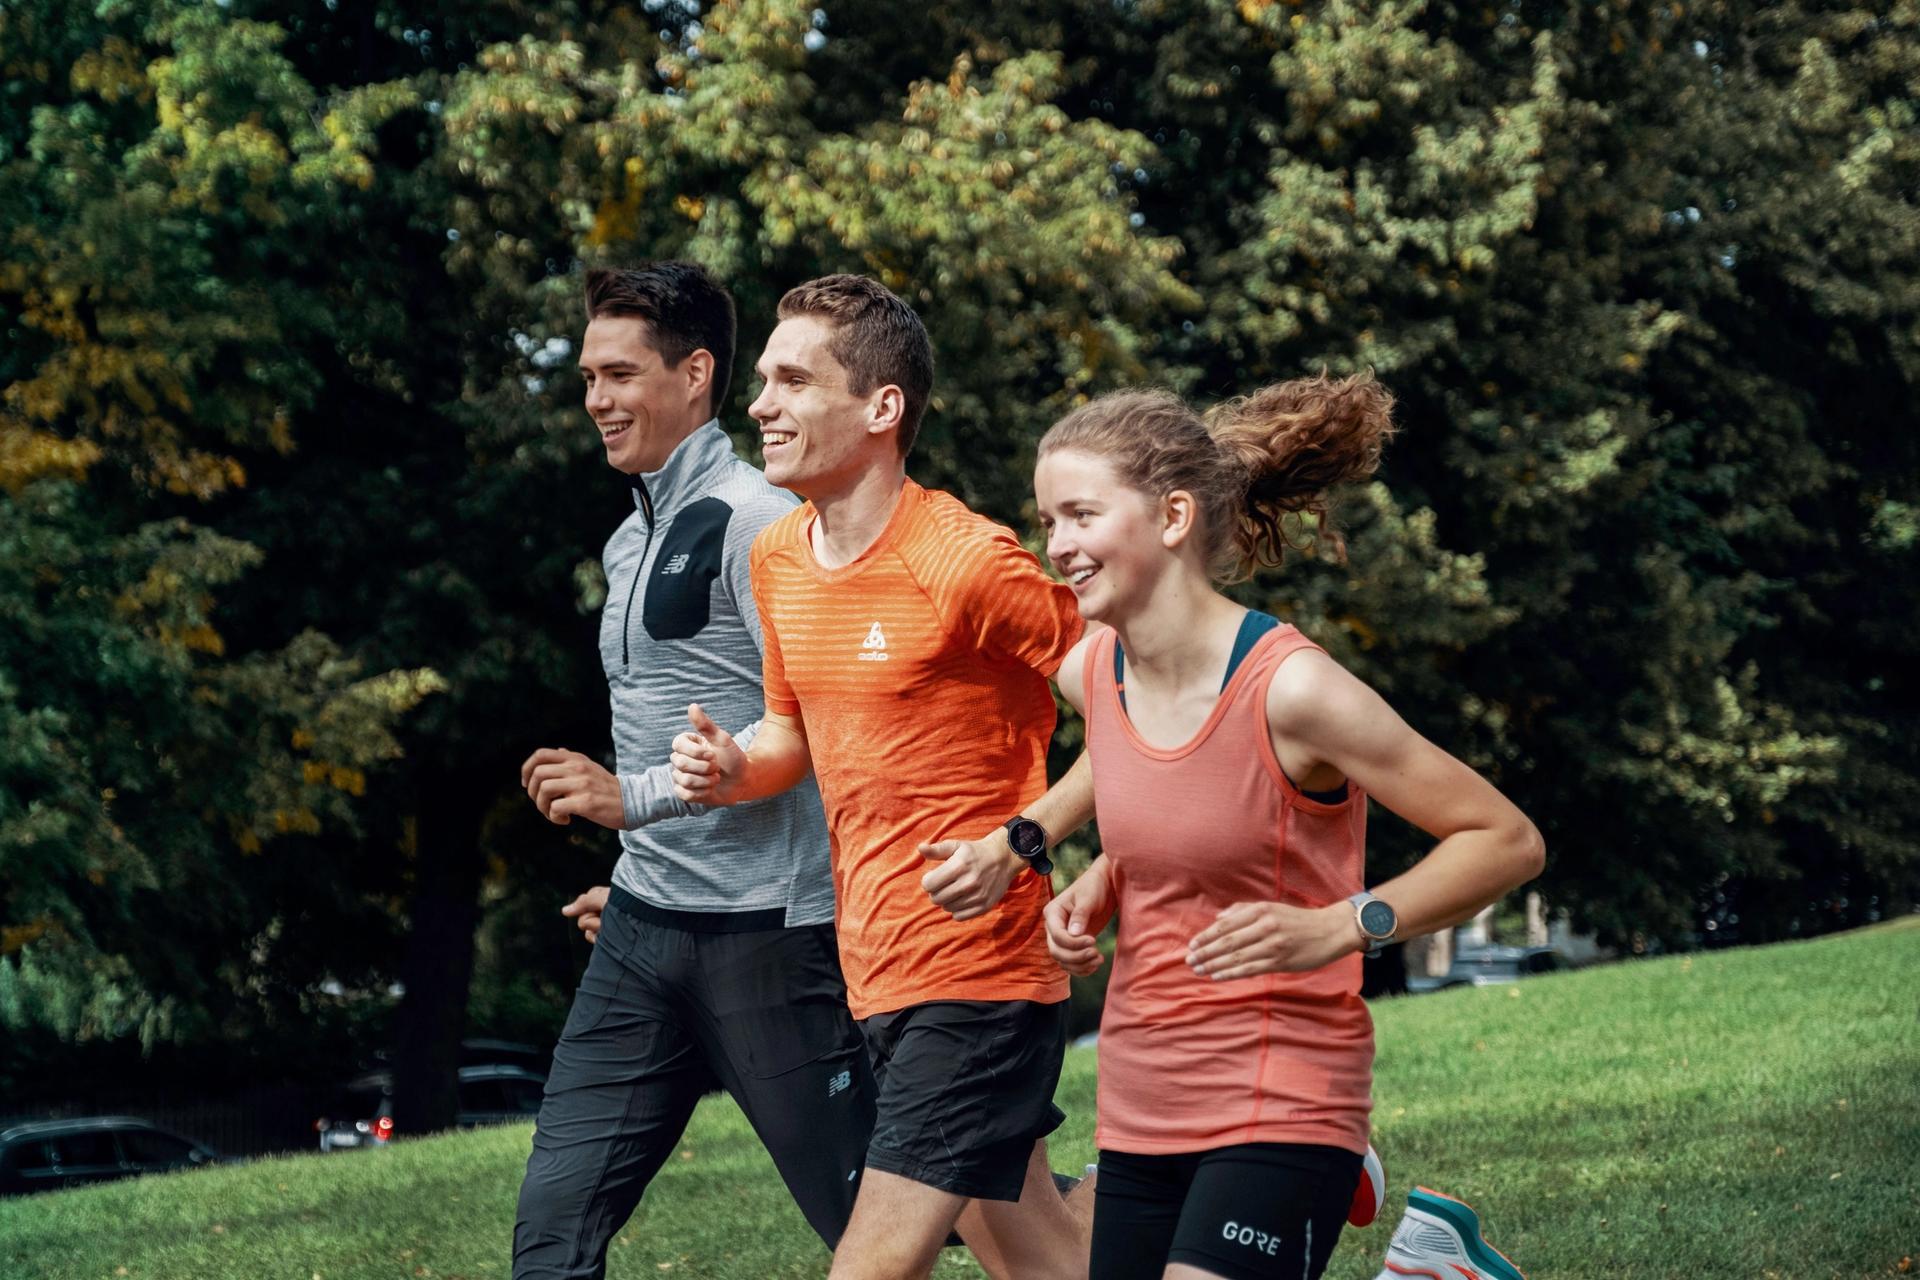 Unge mennesker løper utendørs